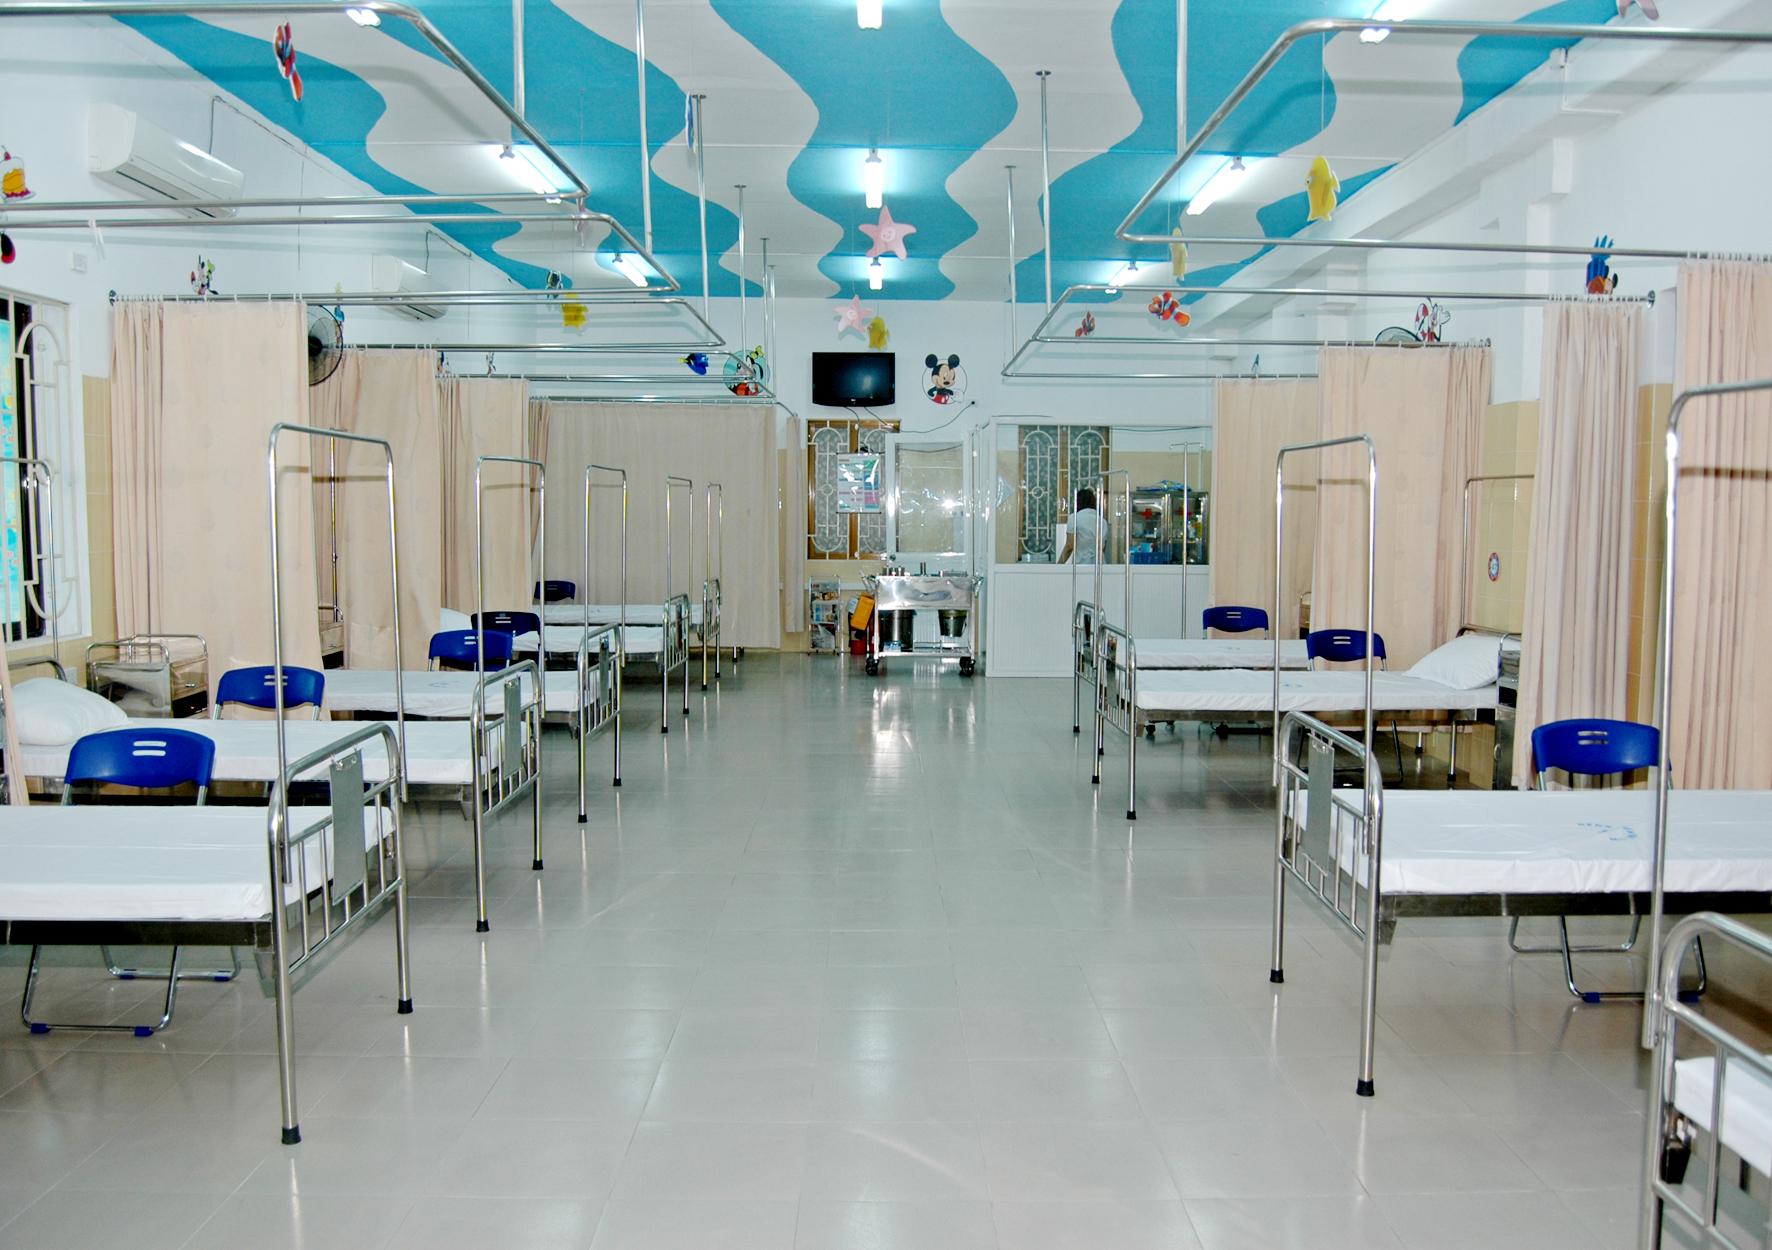 Giấy phép hoạt động khám chữa bệnh của bệnh viện